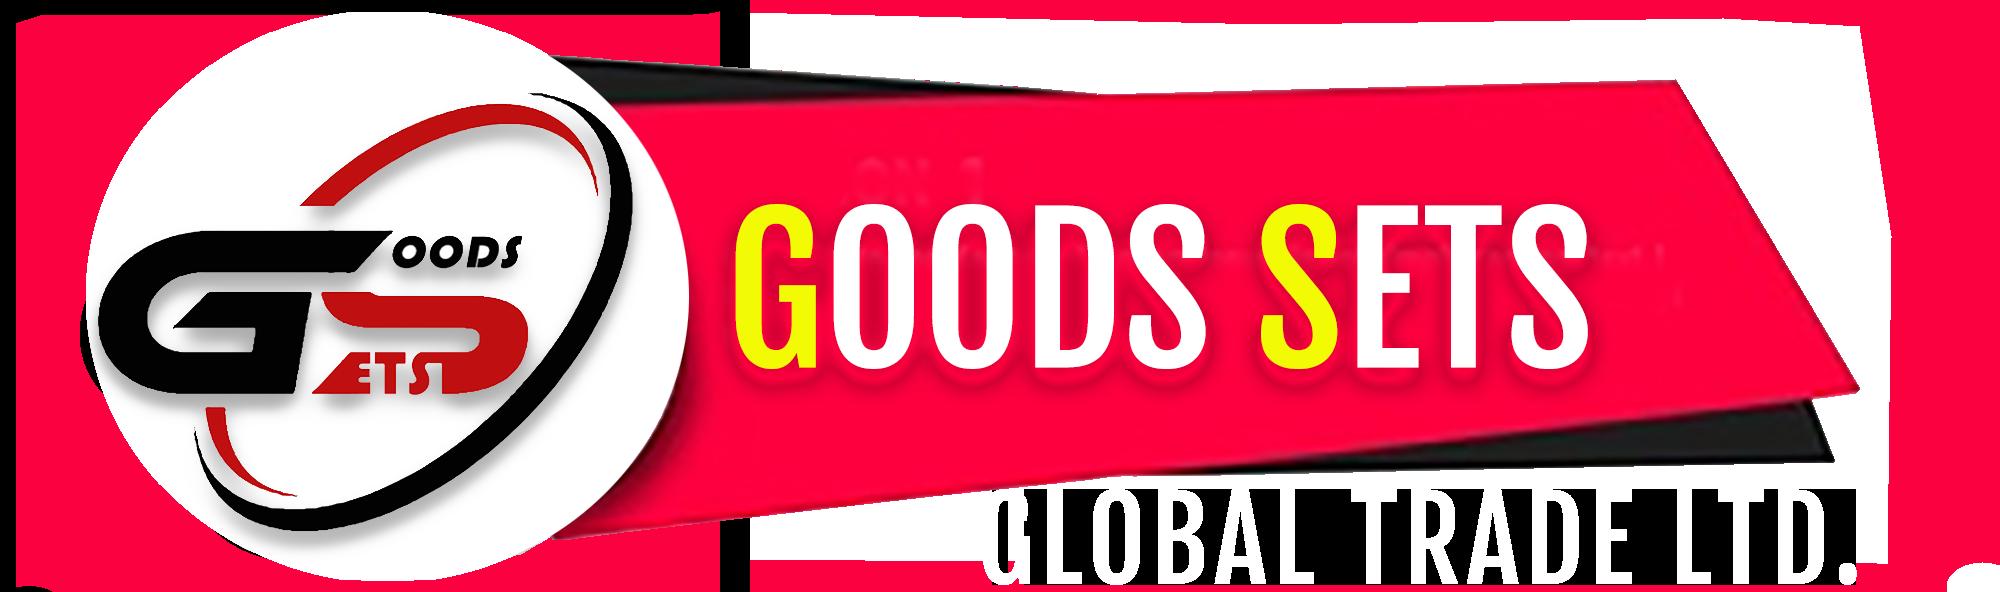 Goods Sets